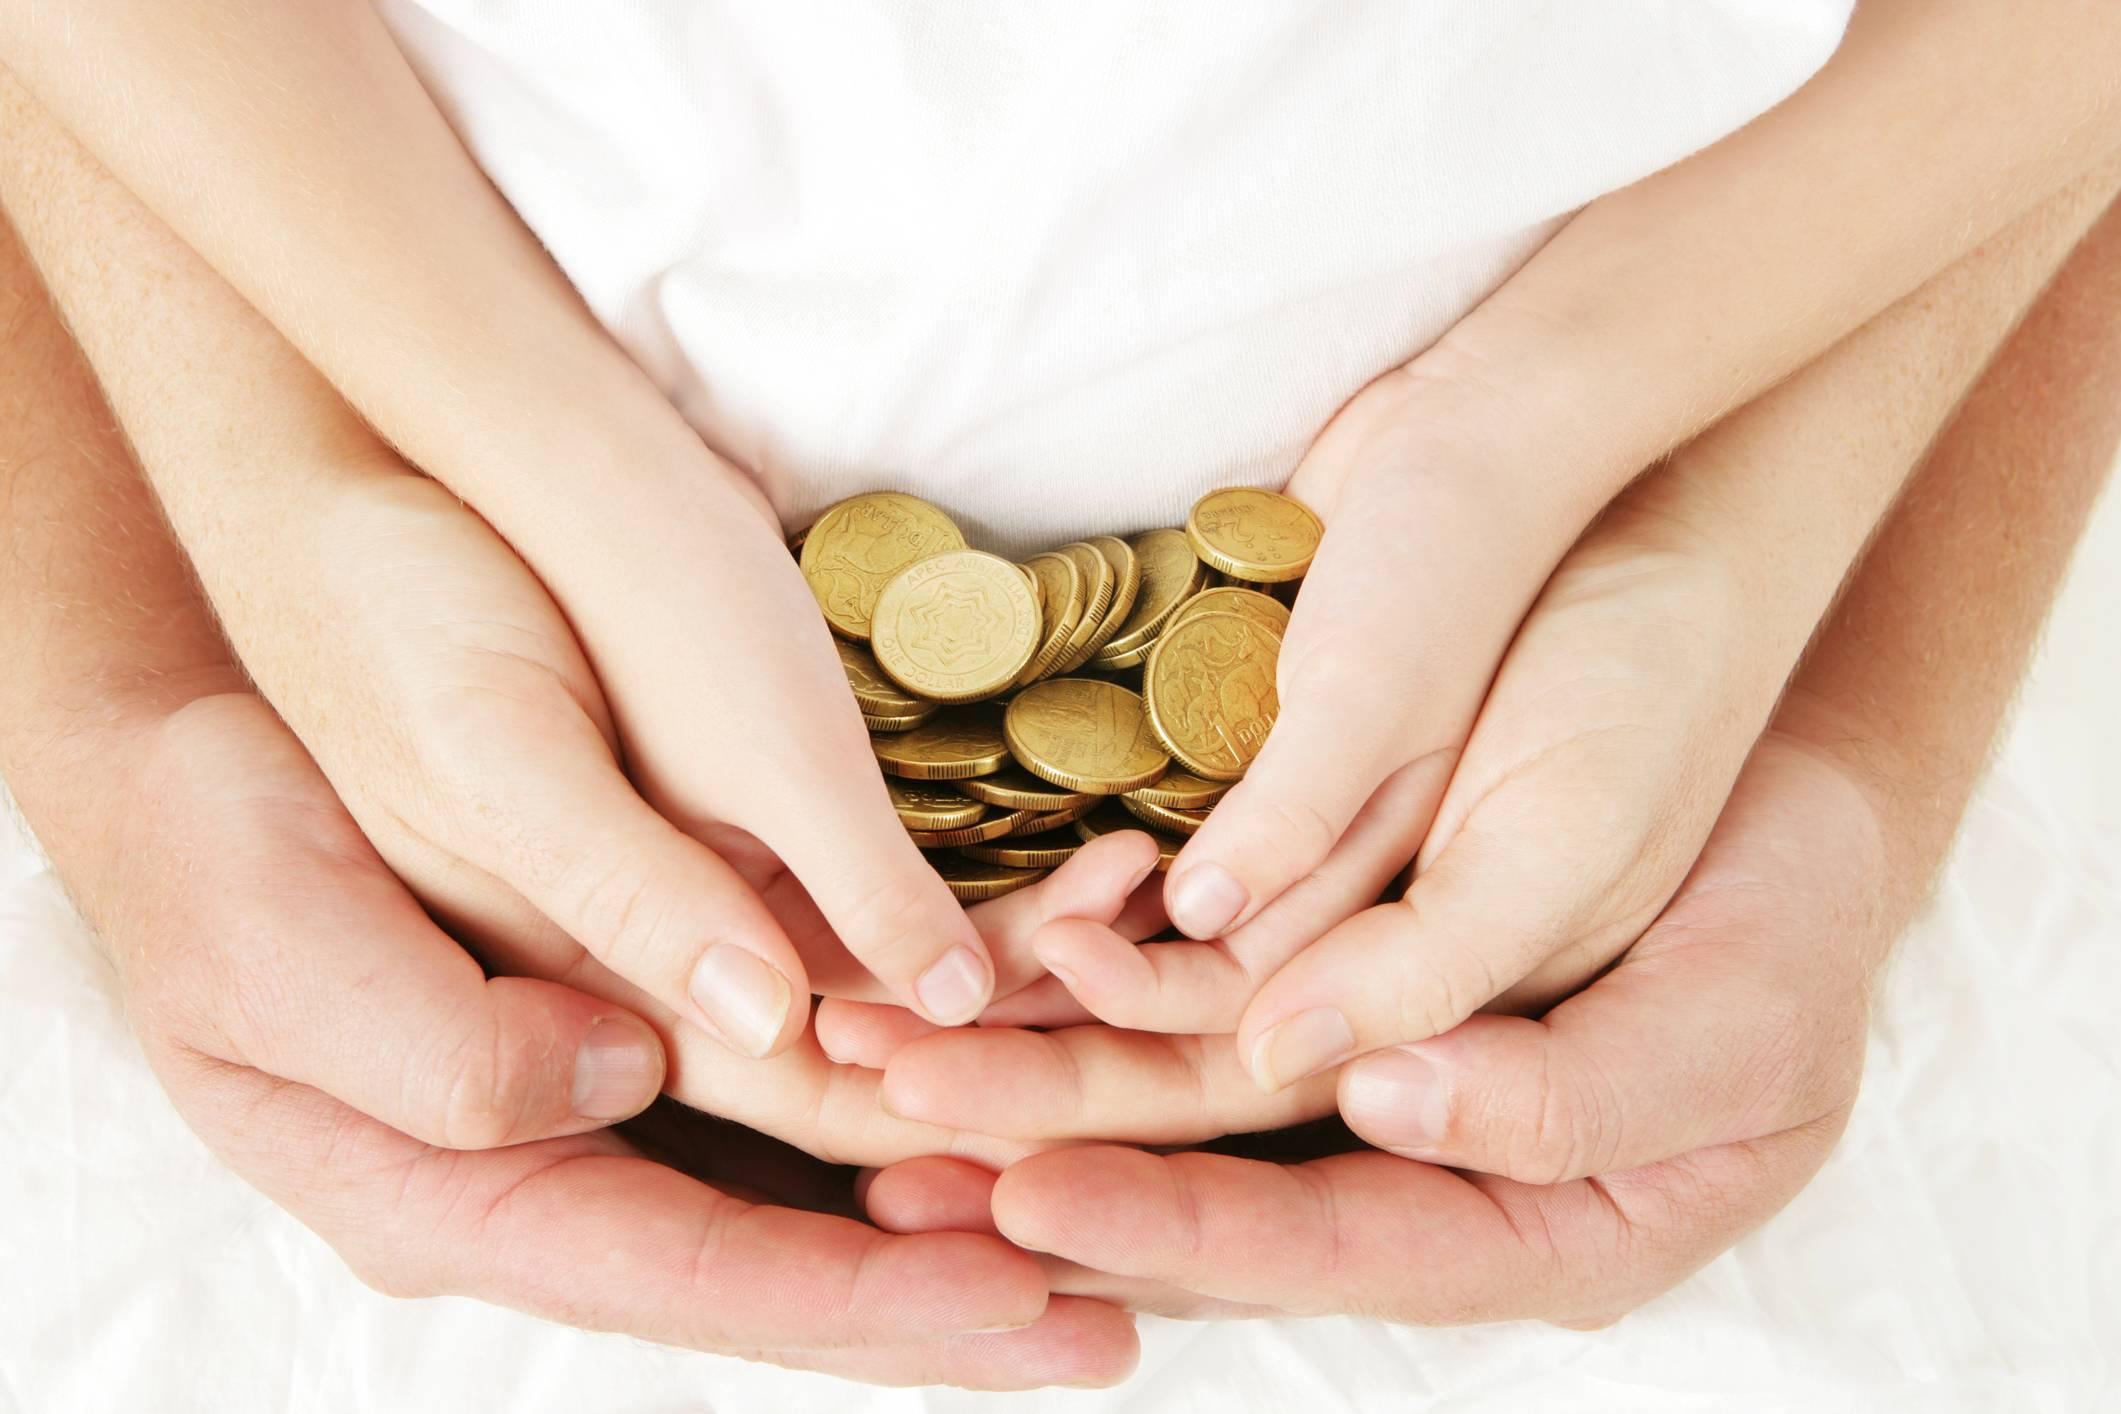 Как безвозмездно получить деньги от государства: материальная помощь и льготы